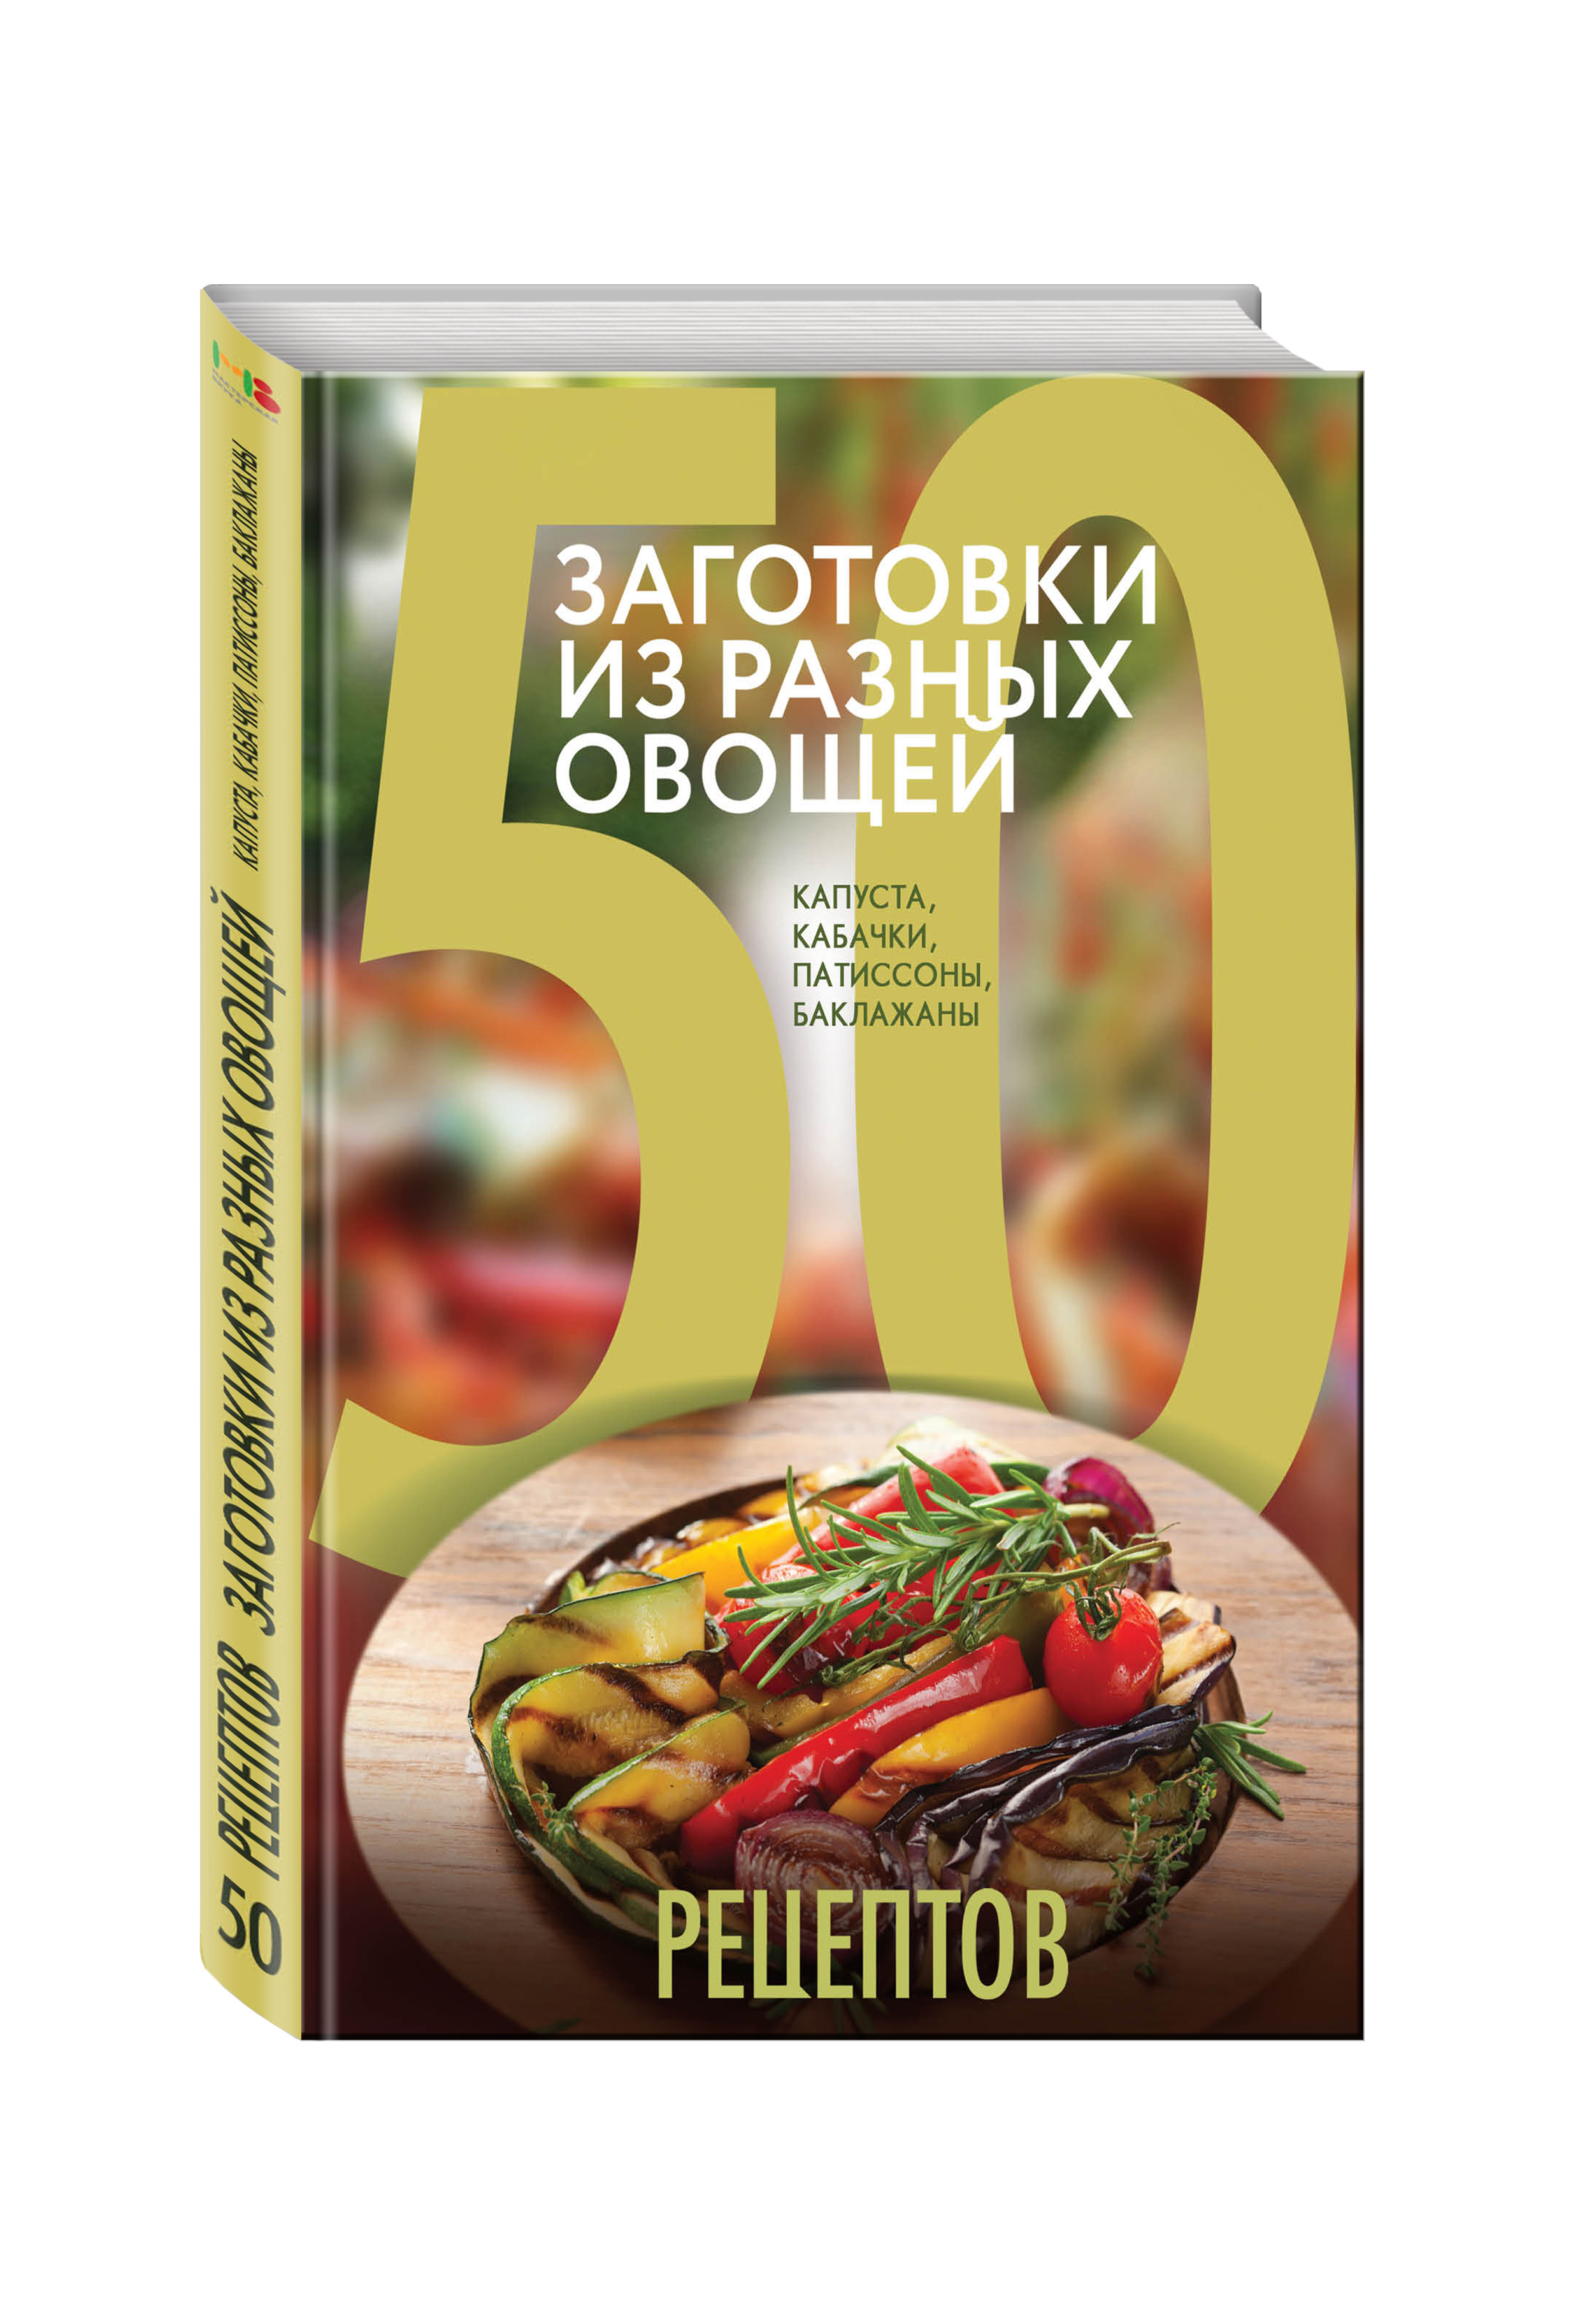 Антонова Л. 50 рецептов. Заготовки из разных овощей. Капуста, баклажаны, кабачки, патиссоны отсутствует заготовки из огурцов капусты баклажанов грибов